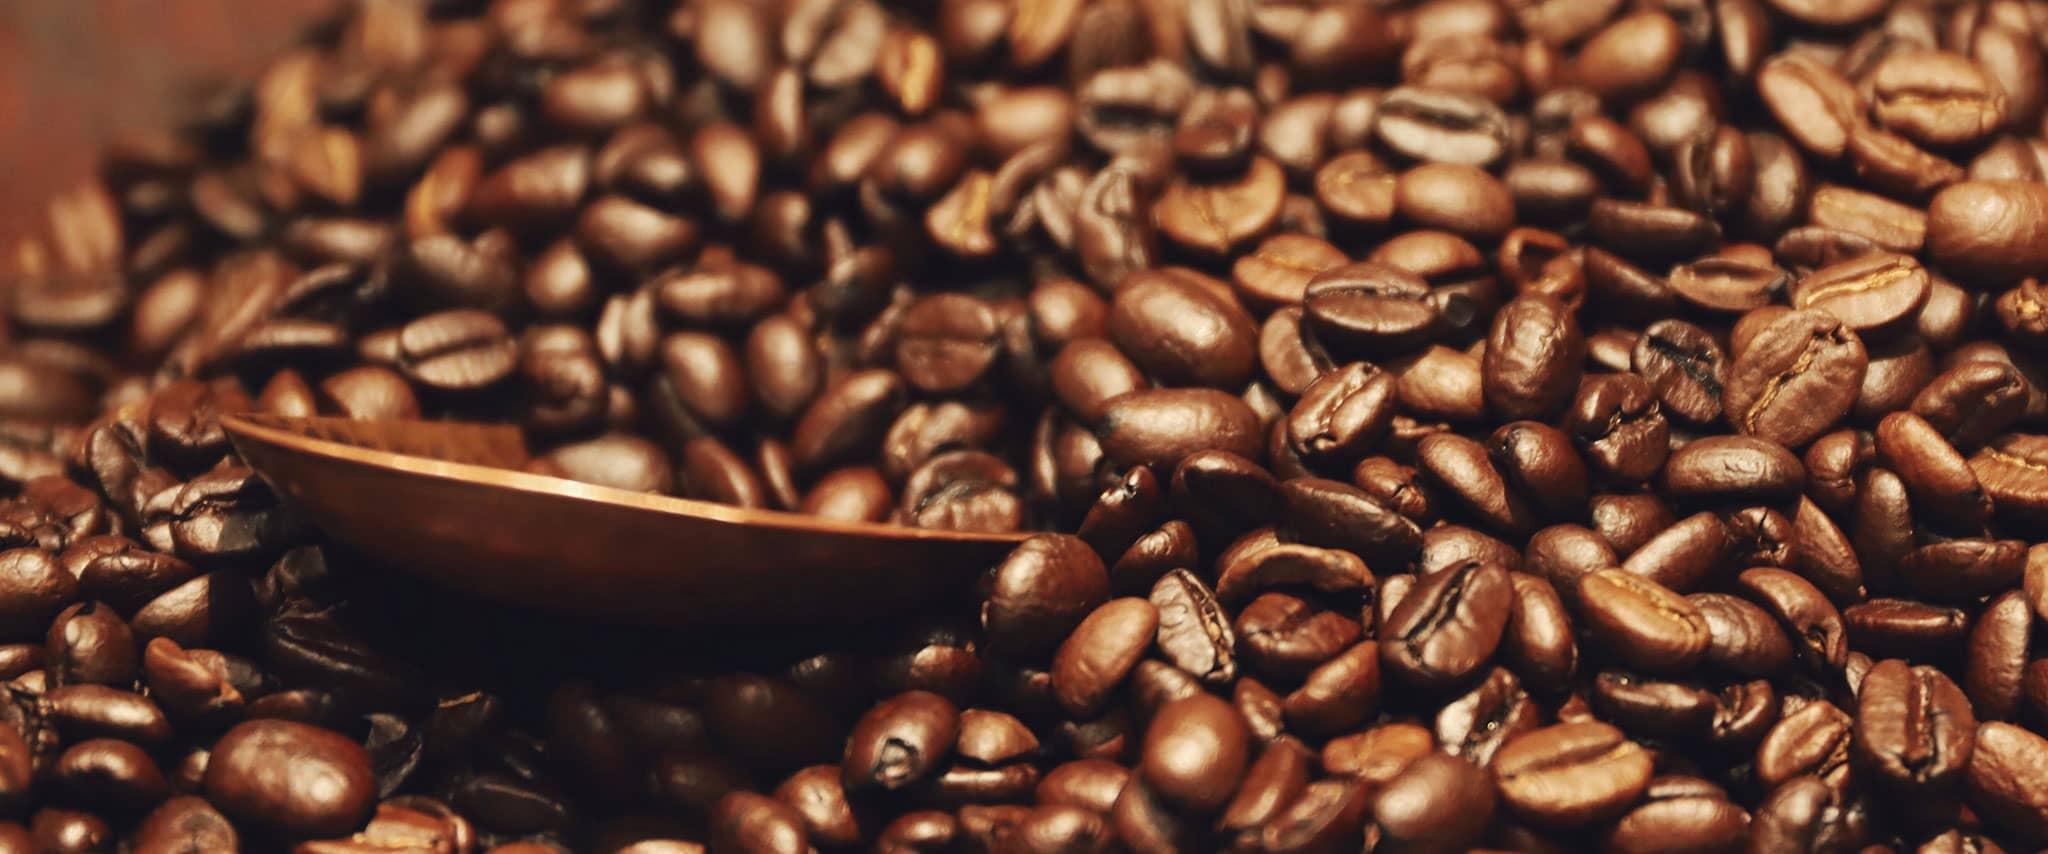 Eine Schale inmitten von unzähligen Kaffeebohnen